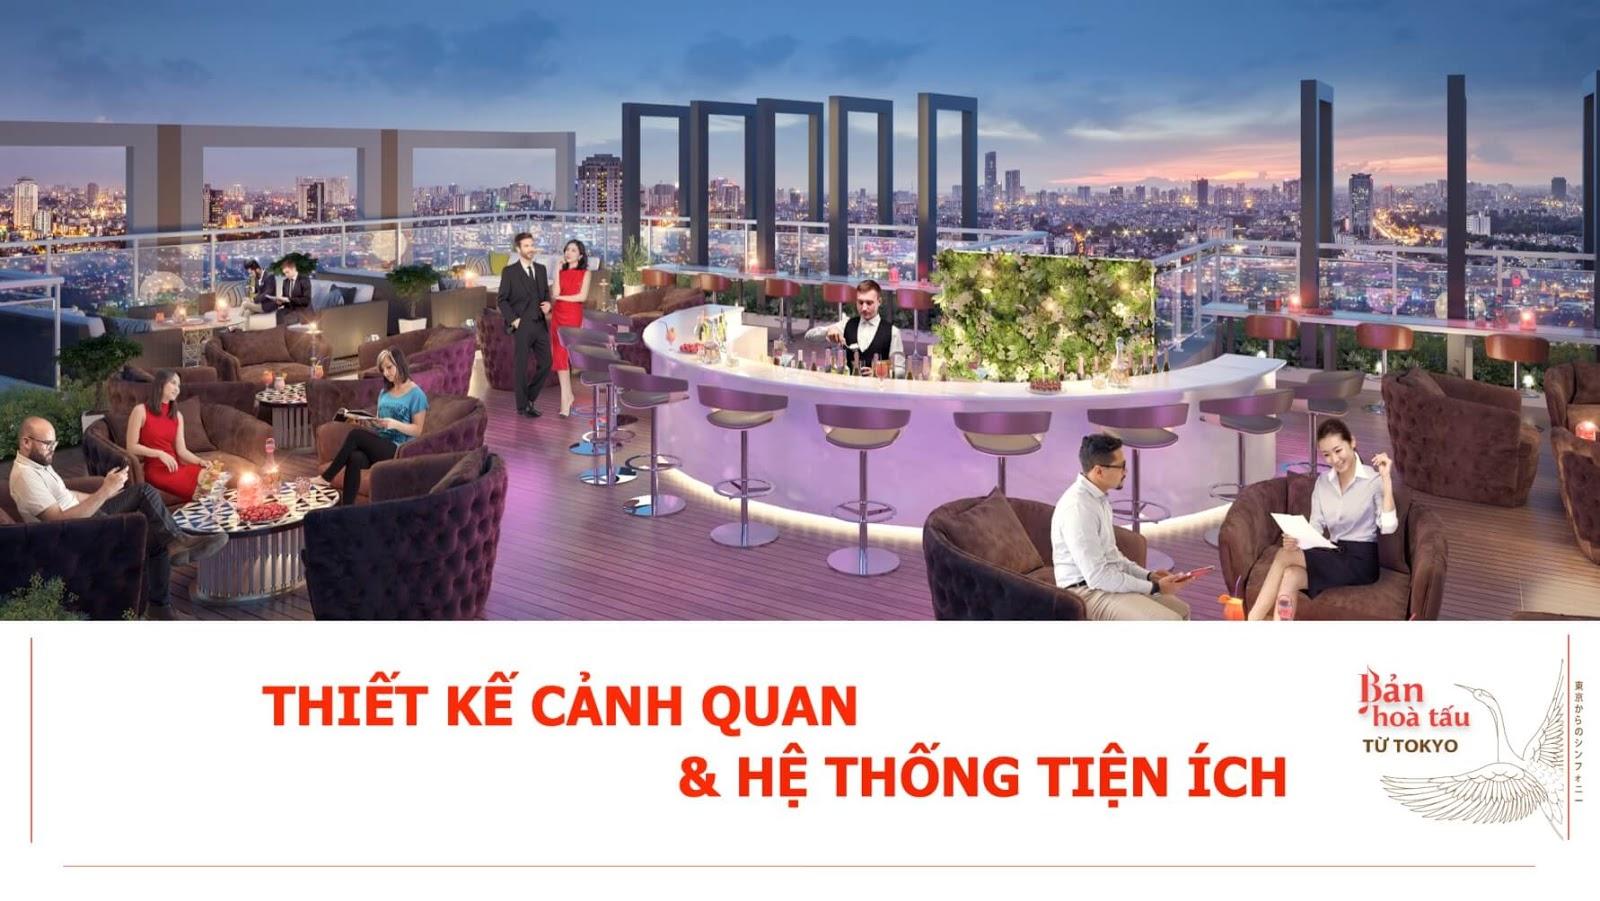 Thiết kế cảnh quan tiện ích tại Hinode City Minh Khai